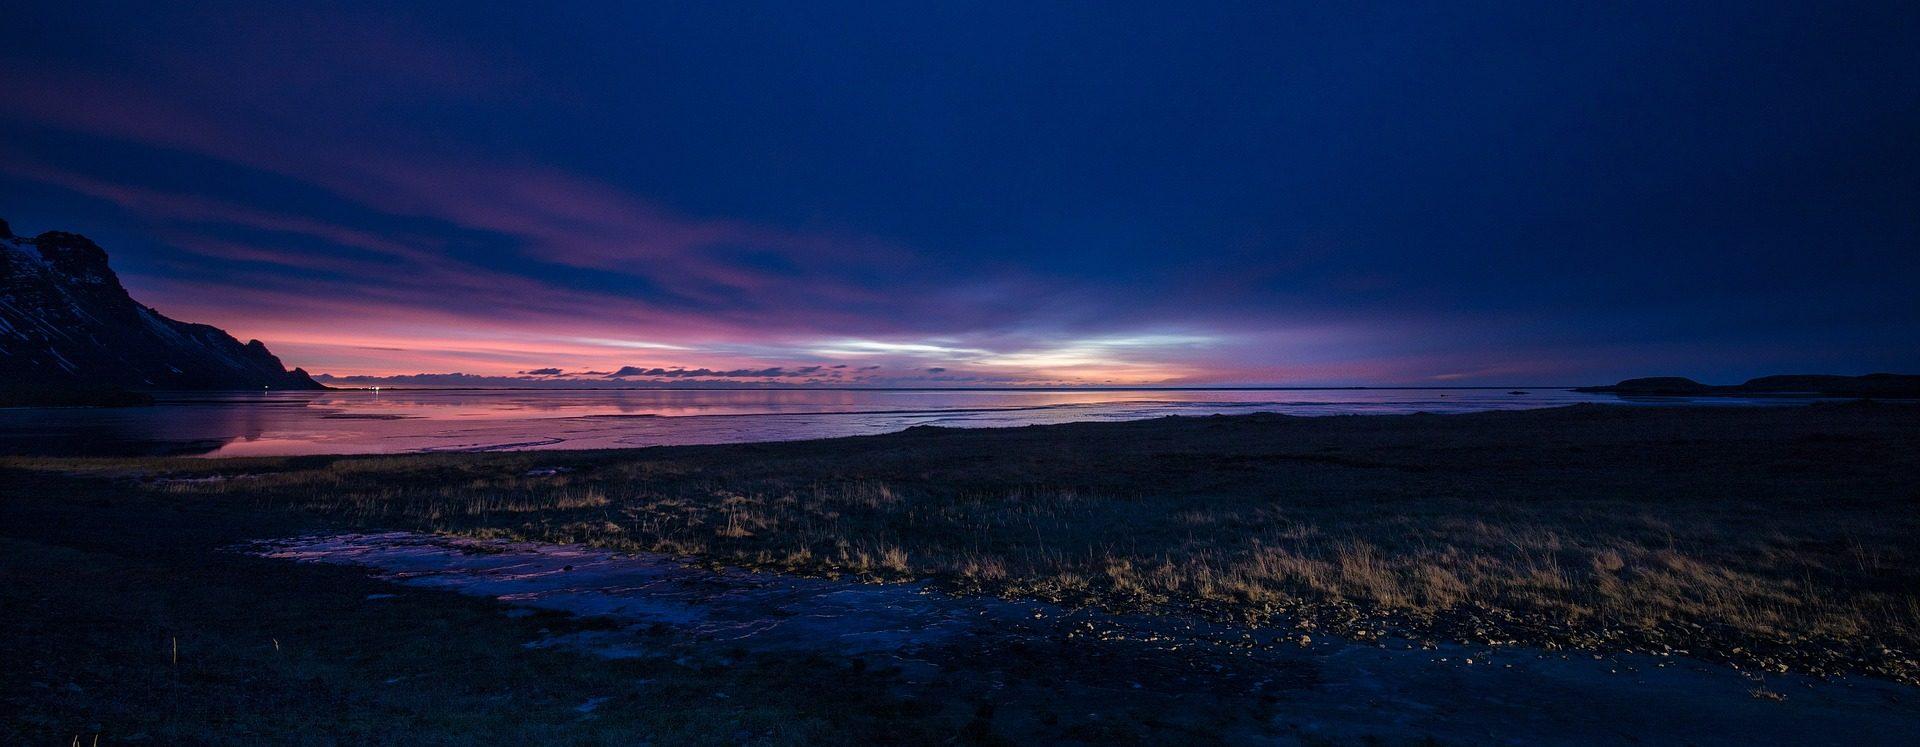 sunrise-2064173_1920